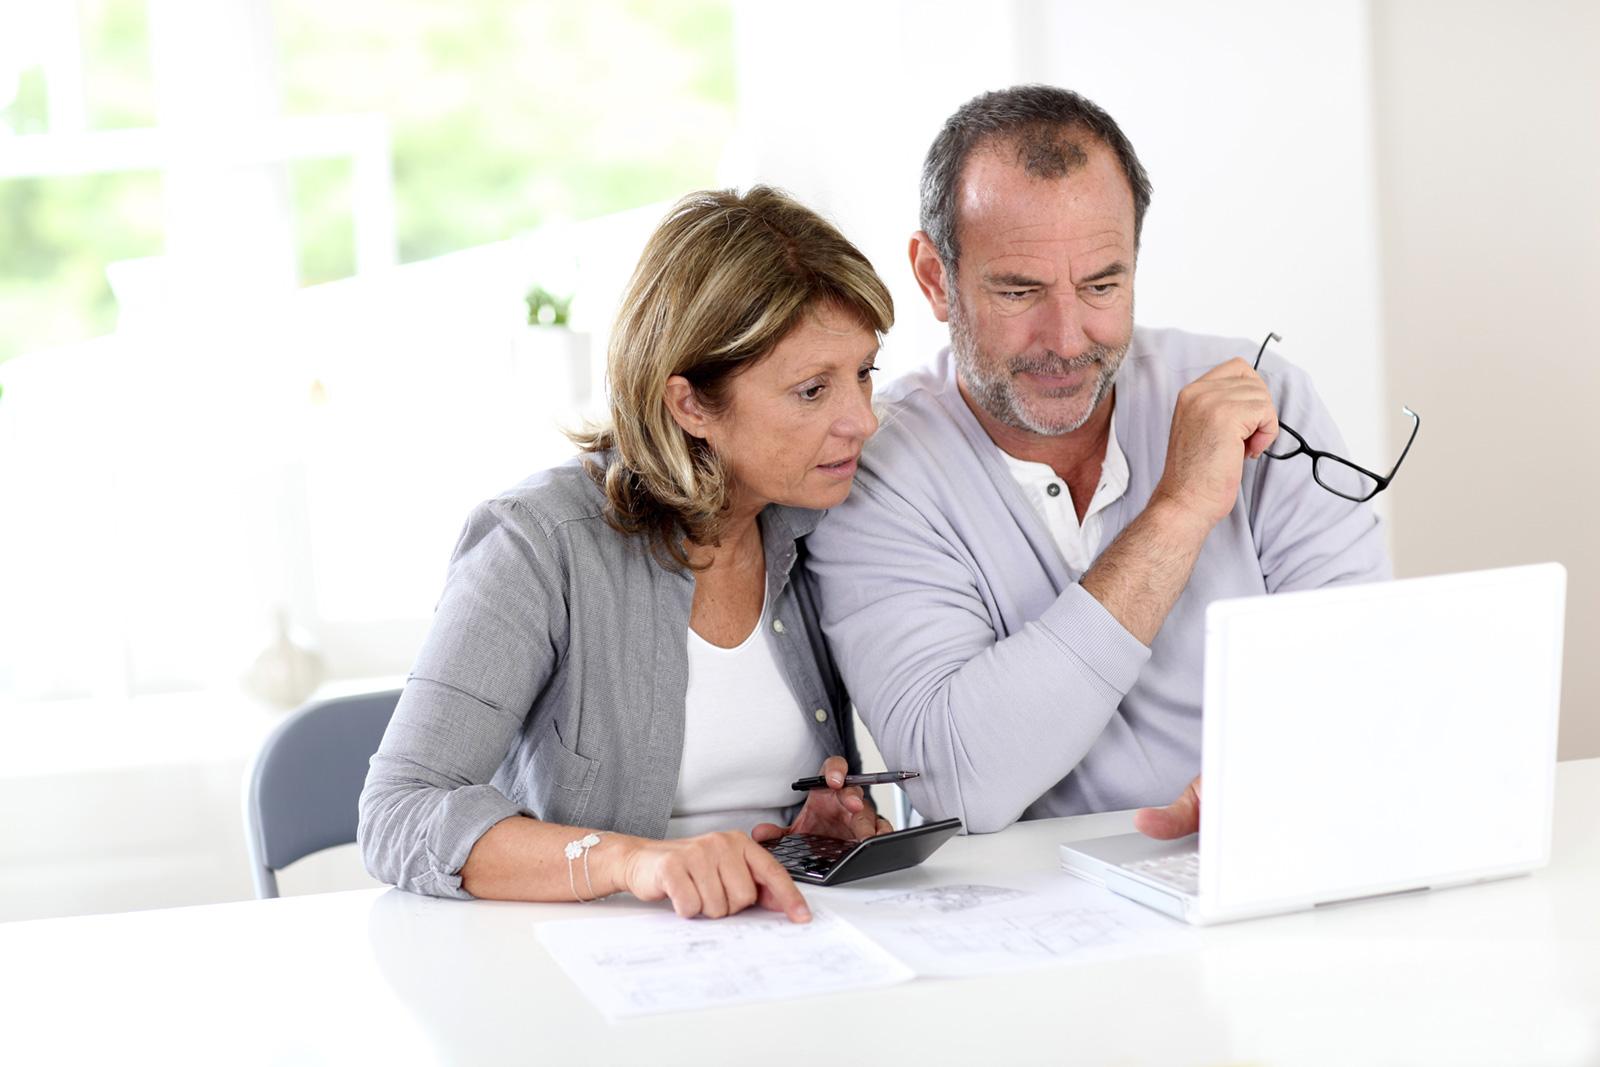 Le paradoxe de l'épargne retraite <span>- Vendredi, 12 Décembre 2014</span>